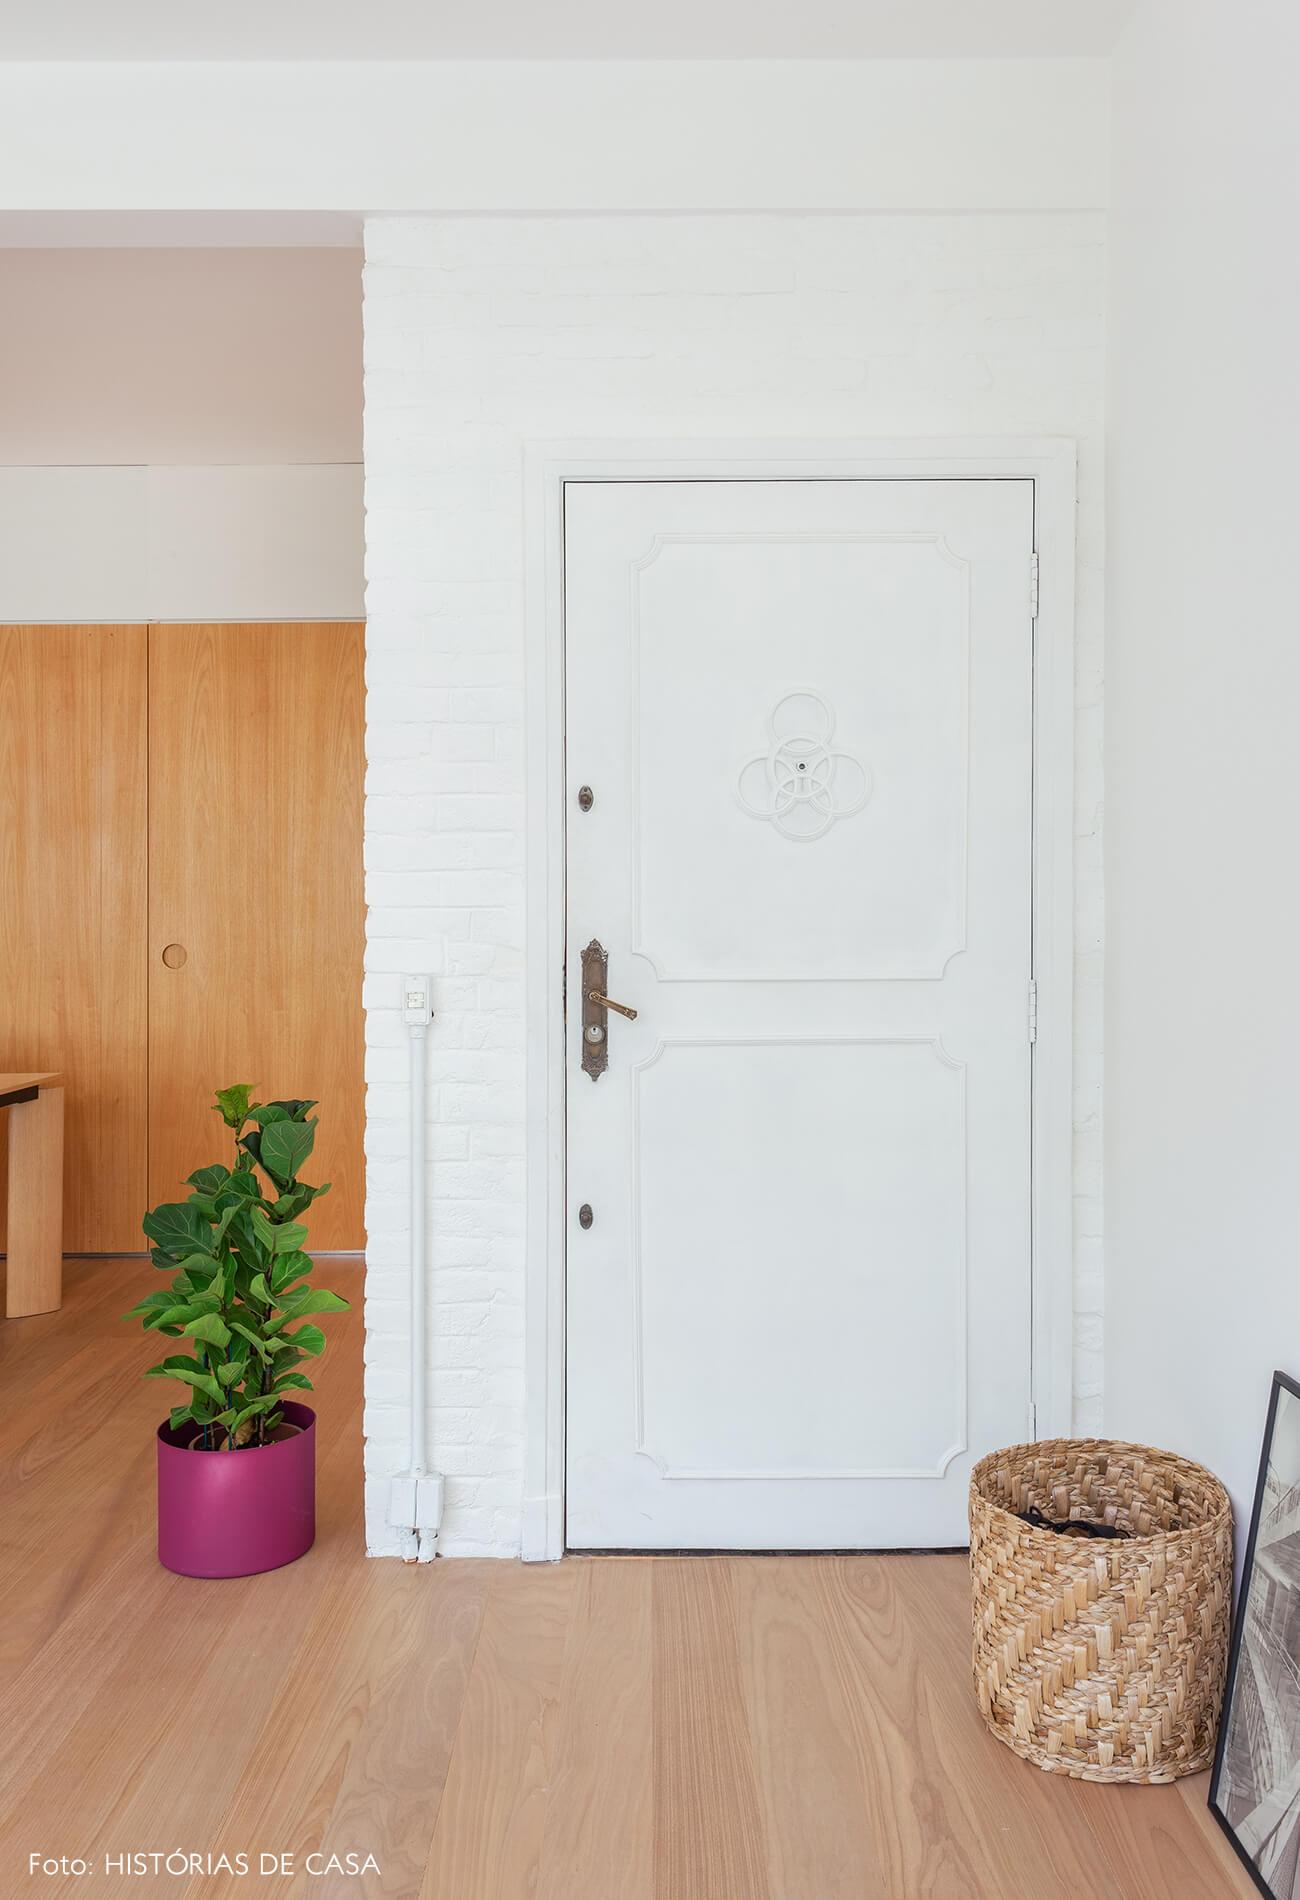 01-decoracao-apartamento-reformado-porta-antiga-pintada-de-branco